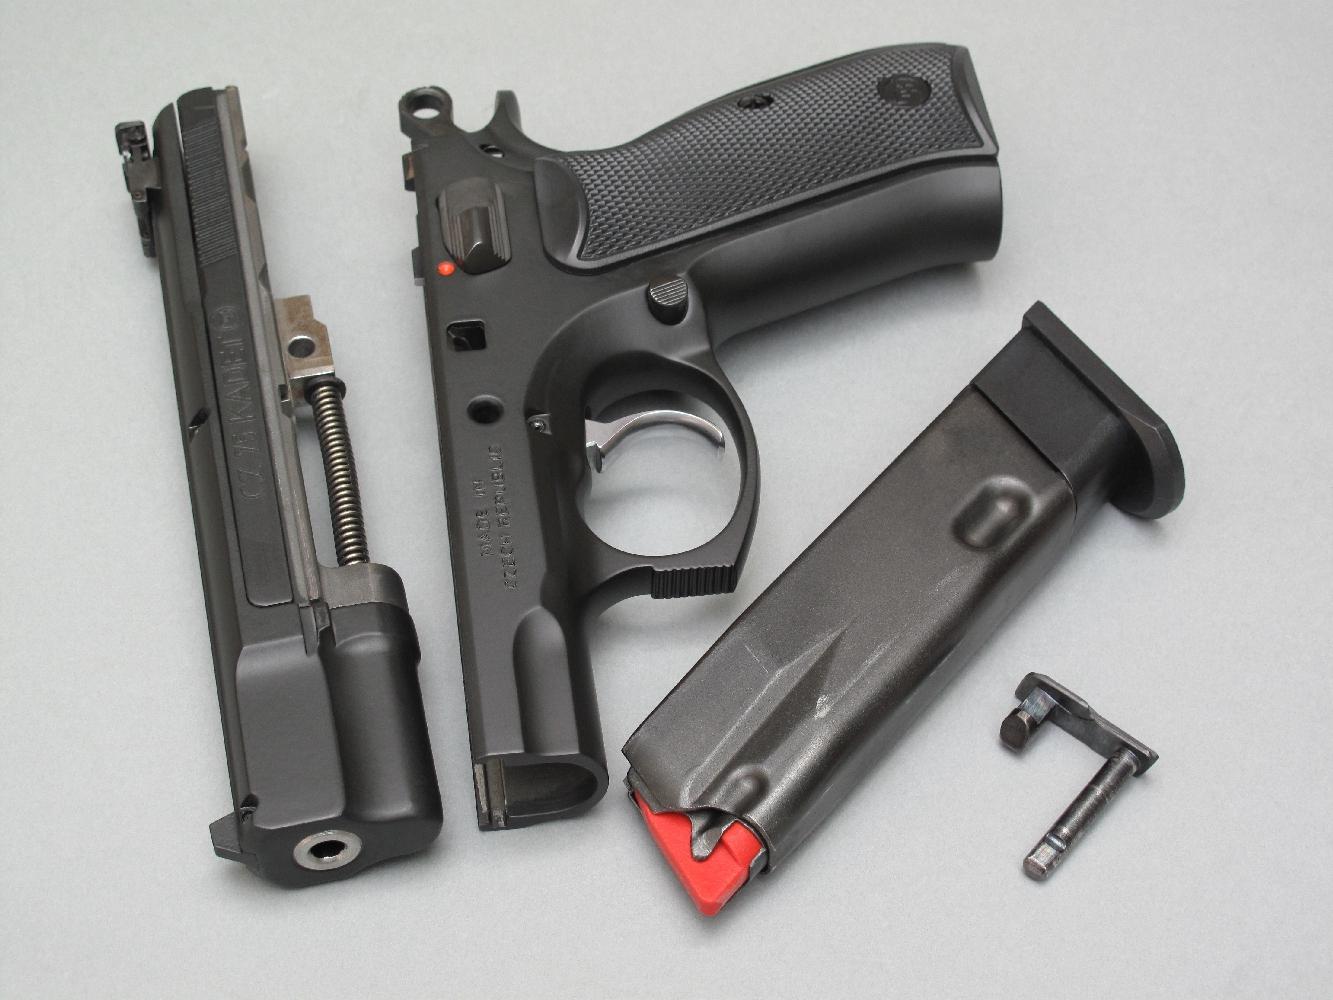 Le démontage sommaire est strictement identique à celui du CZ-75 de gros calibre et il peut être réalisé instantanément. Les chargeurs, en tôle d'acier, sont à double paroi : la partie interne accueille 10 cartouches de calibre .22 Long Rifle emmagasinées sur une simple pile, tandis que la partie externe étant constitué par le corps d'un chargeur standard de calibre 9 mm Parabellum.